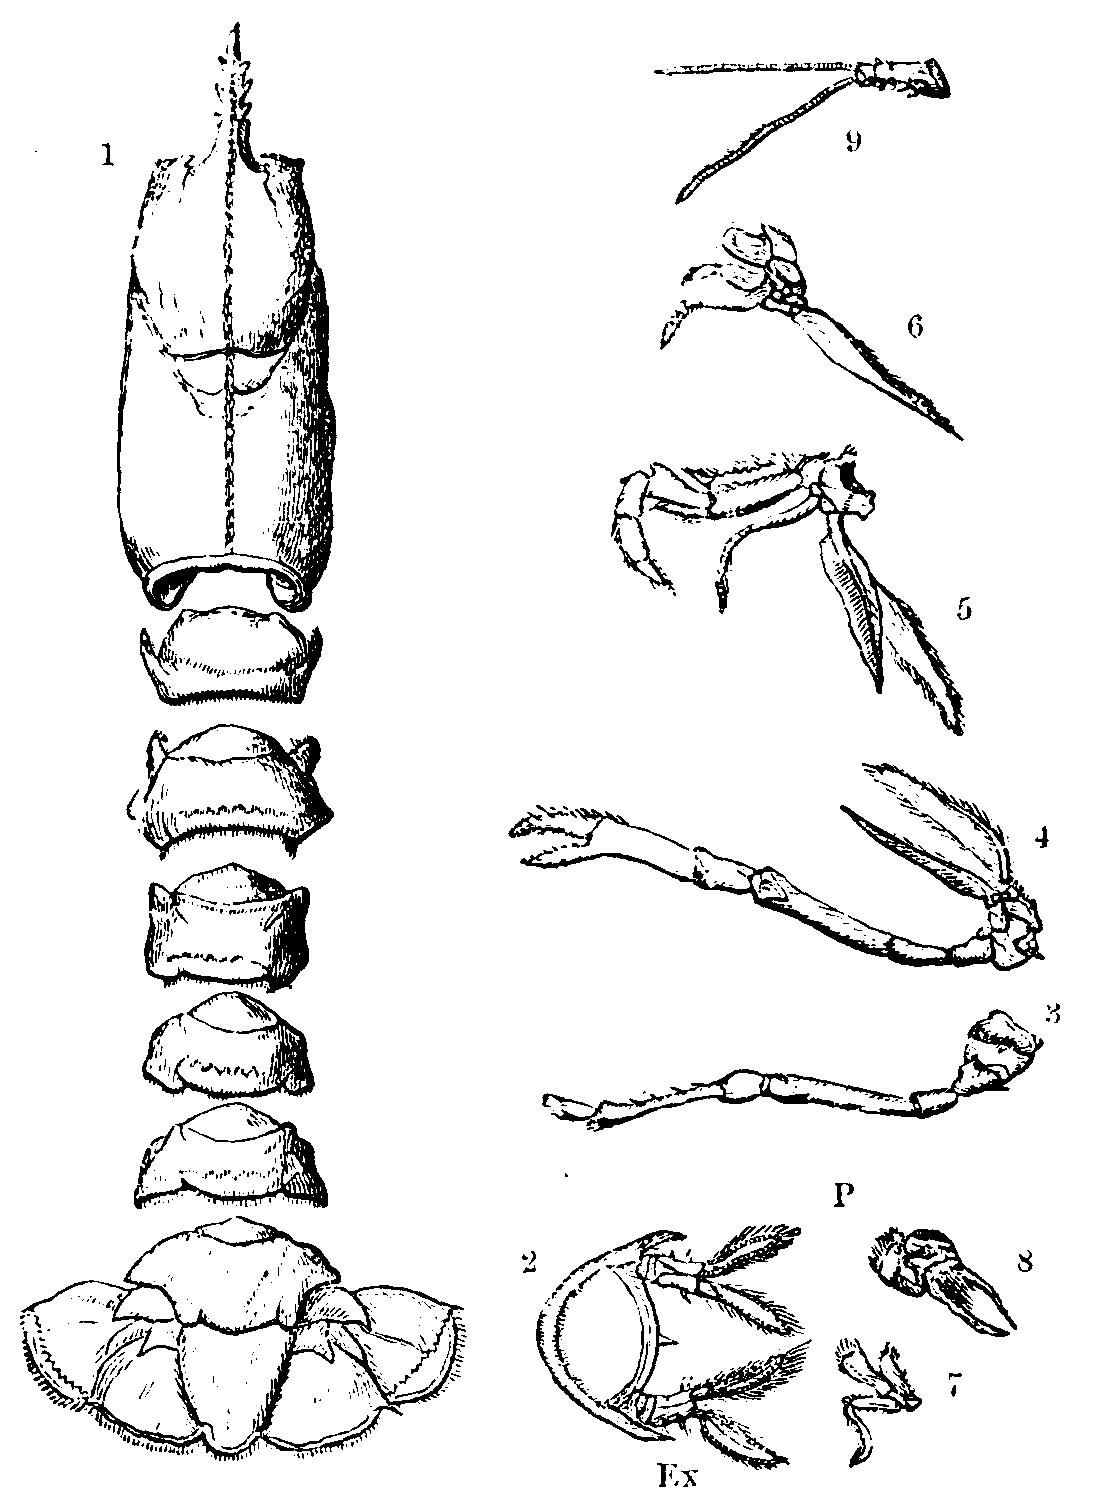 File:Lobster Skeleton Mivart.png - Wikimedia Commons